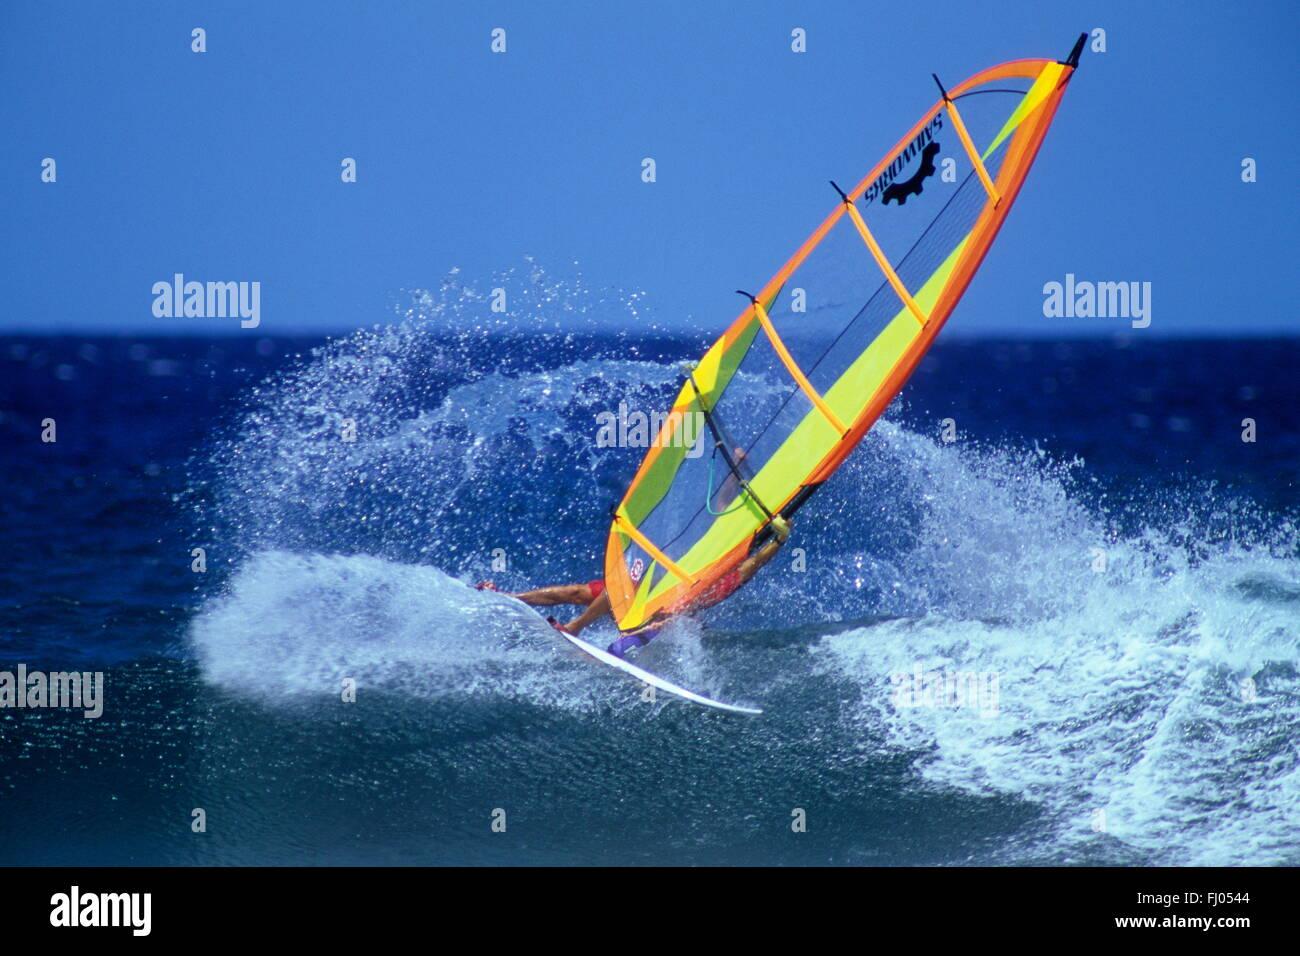 Quasi il pattinaggio sulla forma d'onda di un windsurf esegue con giallo brillante sulla vela blu Pacifico mare Immagini Stock